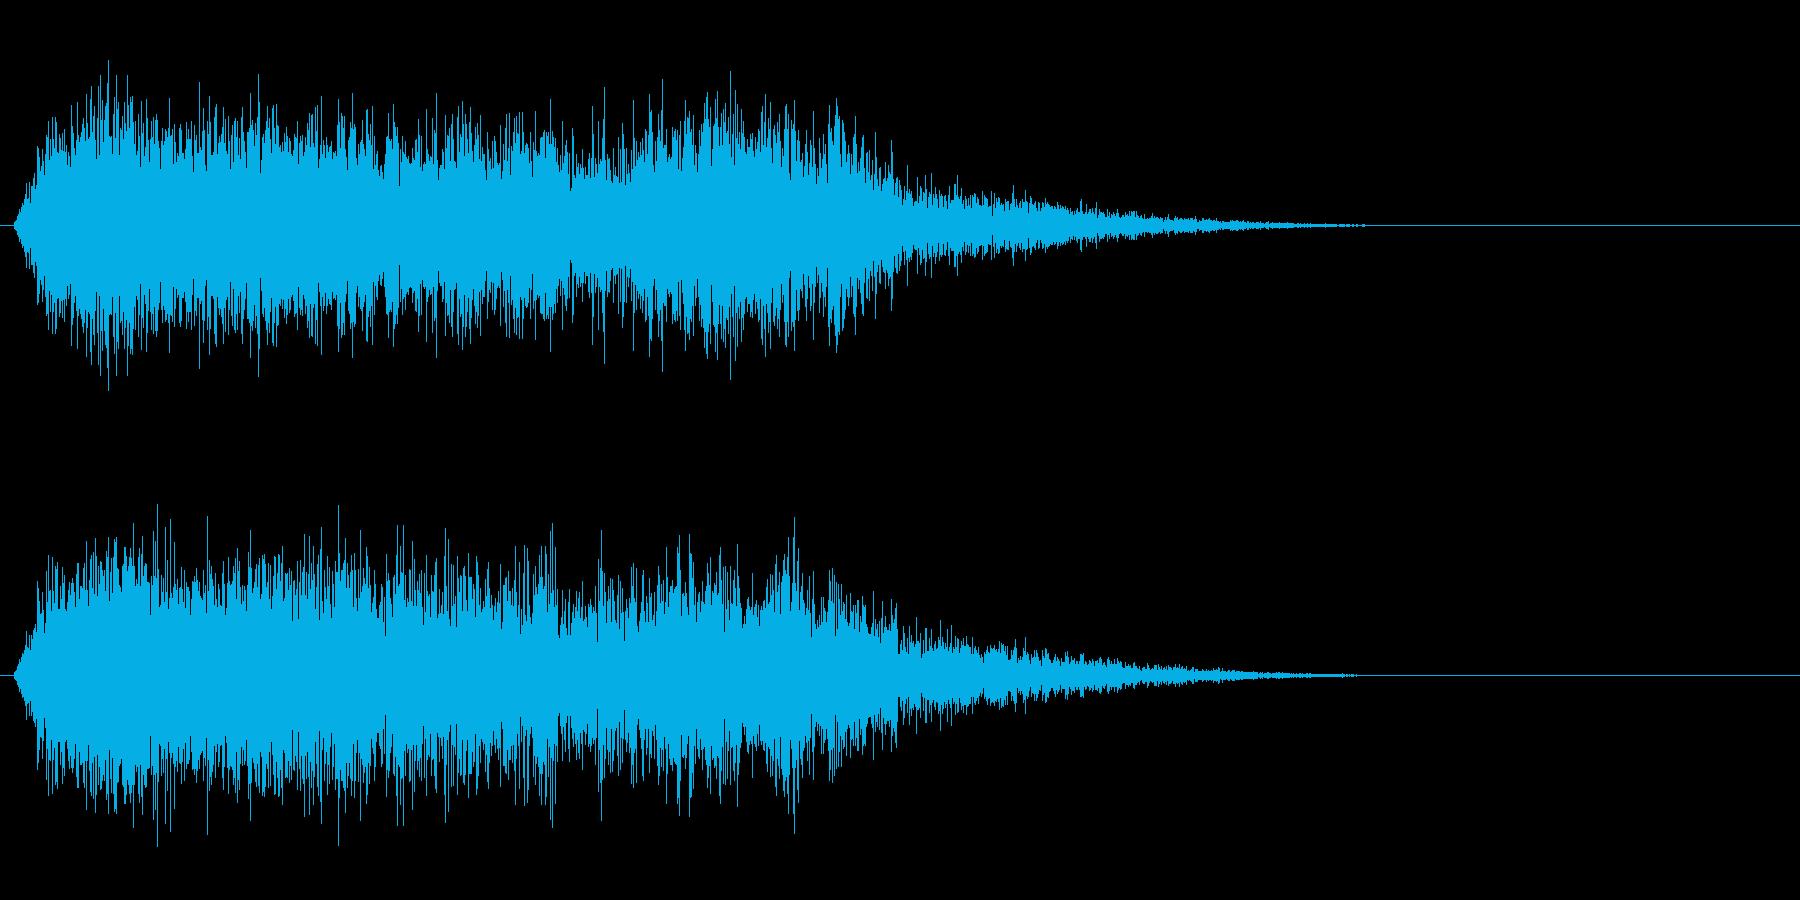 竜/ドラゴン/モンスターの鳴き声!02Bの再生済みの波形